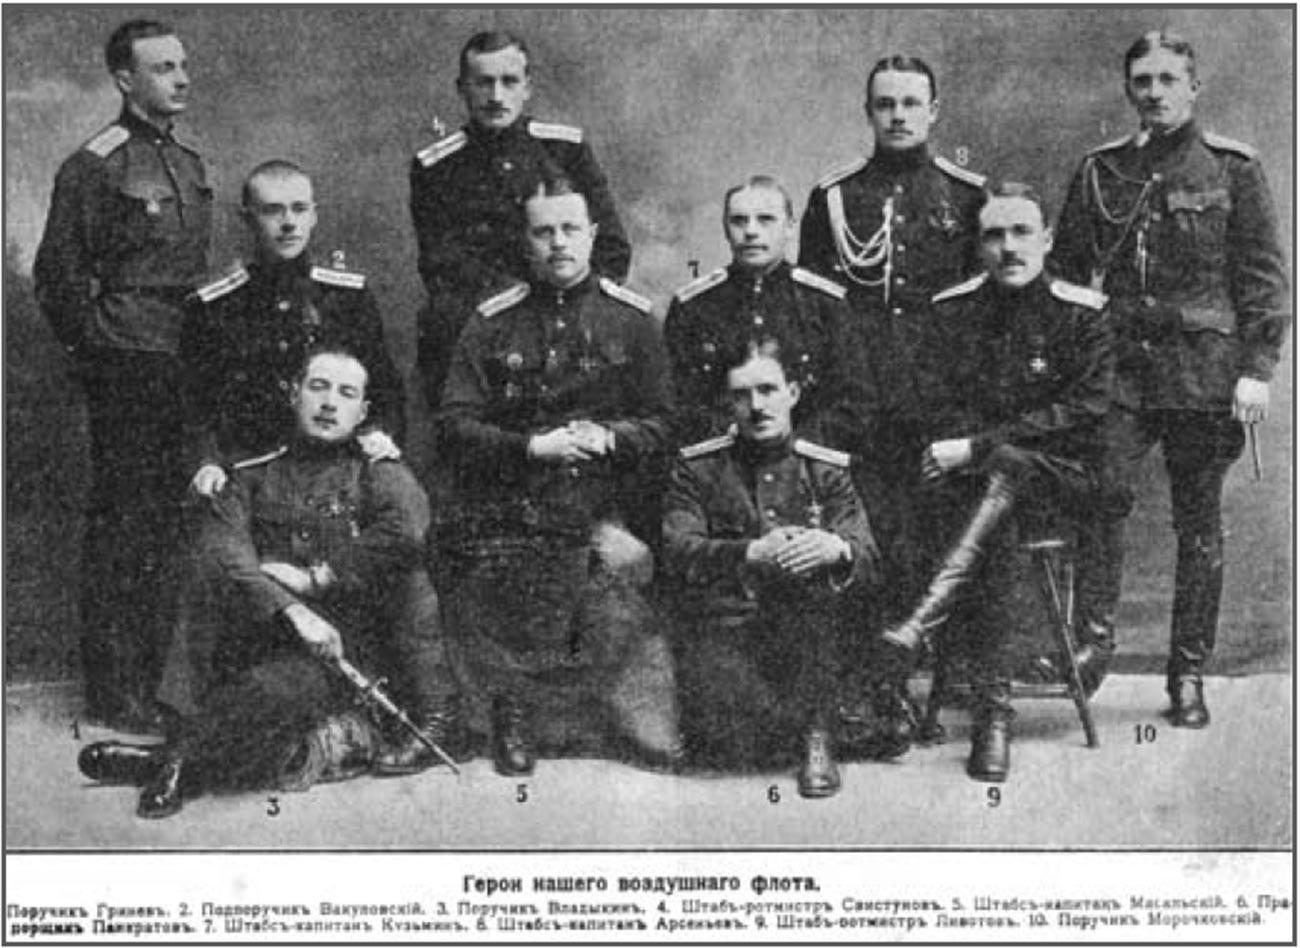 Ein Foto von russischen Heldenpiloten. Onisim Pankratow ist in der ersten Reihe (Mitte) zu sehen, sitzend auf dem Boden.